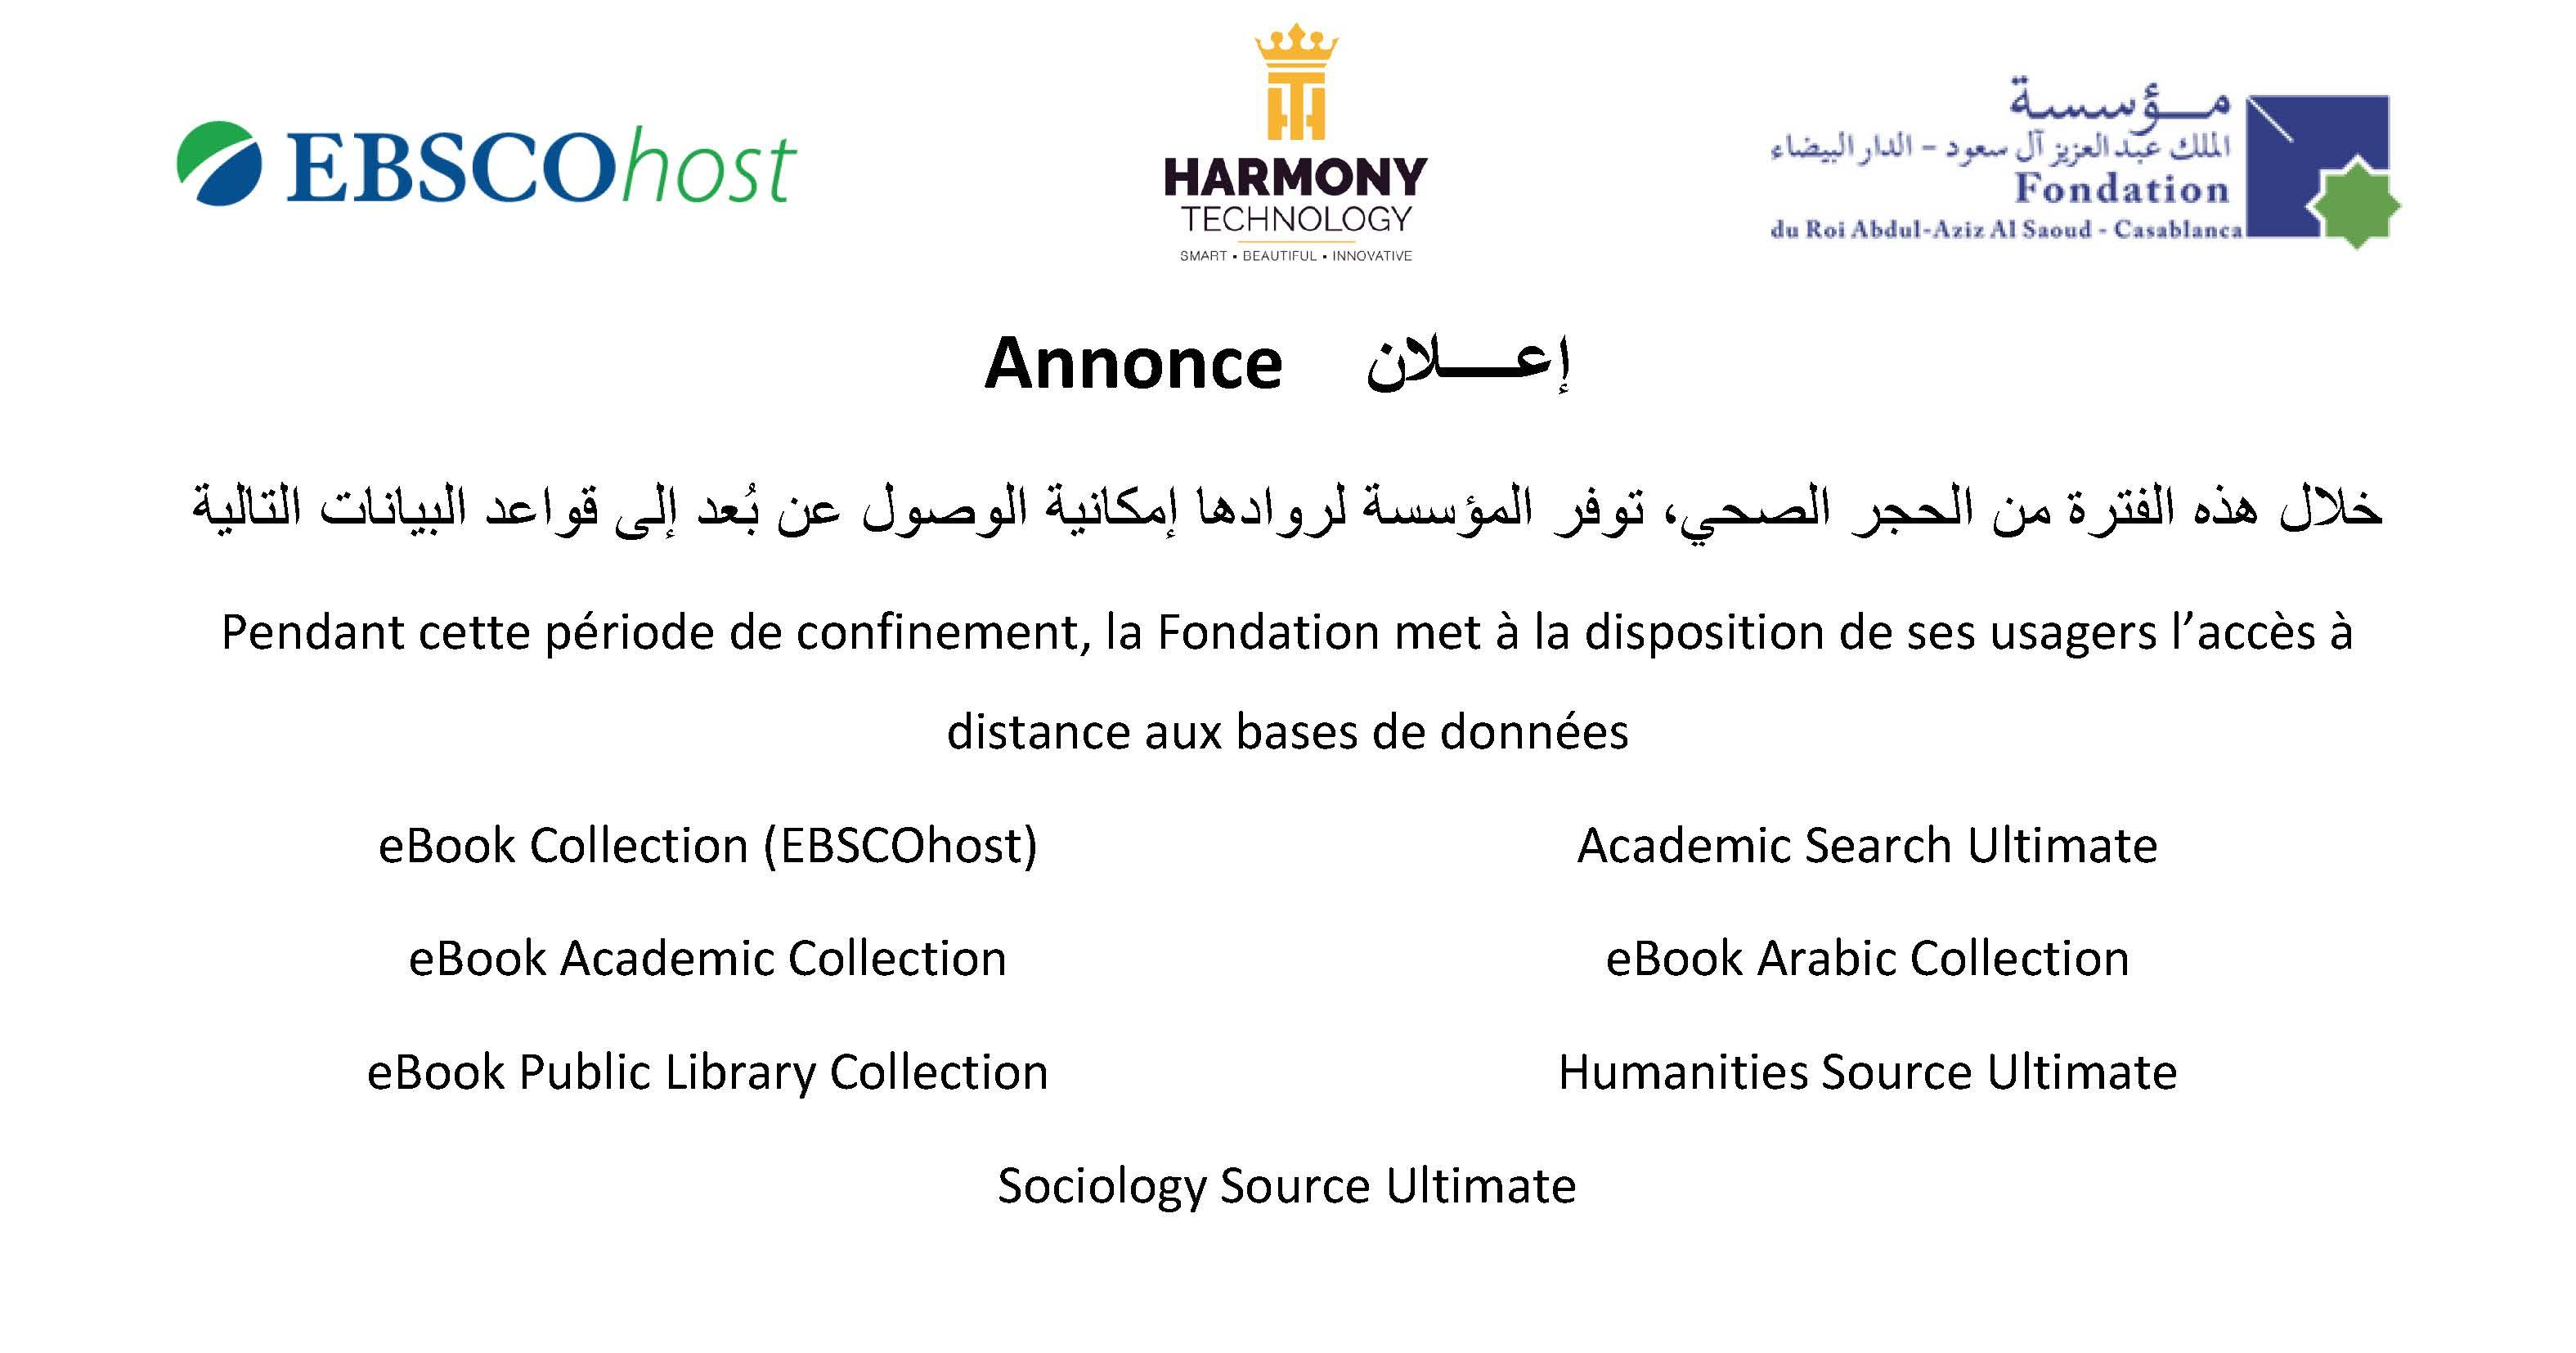 Annonce : Accès à distance aux bases de données EBSCO